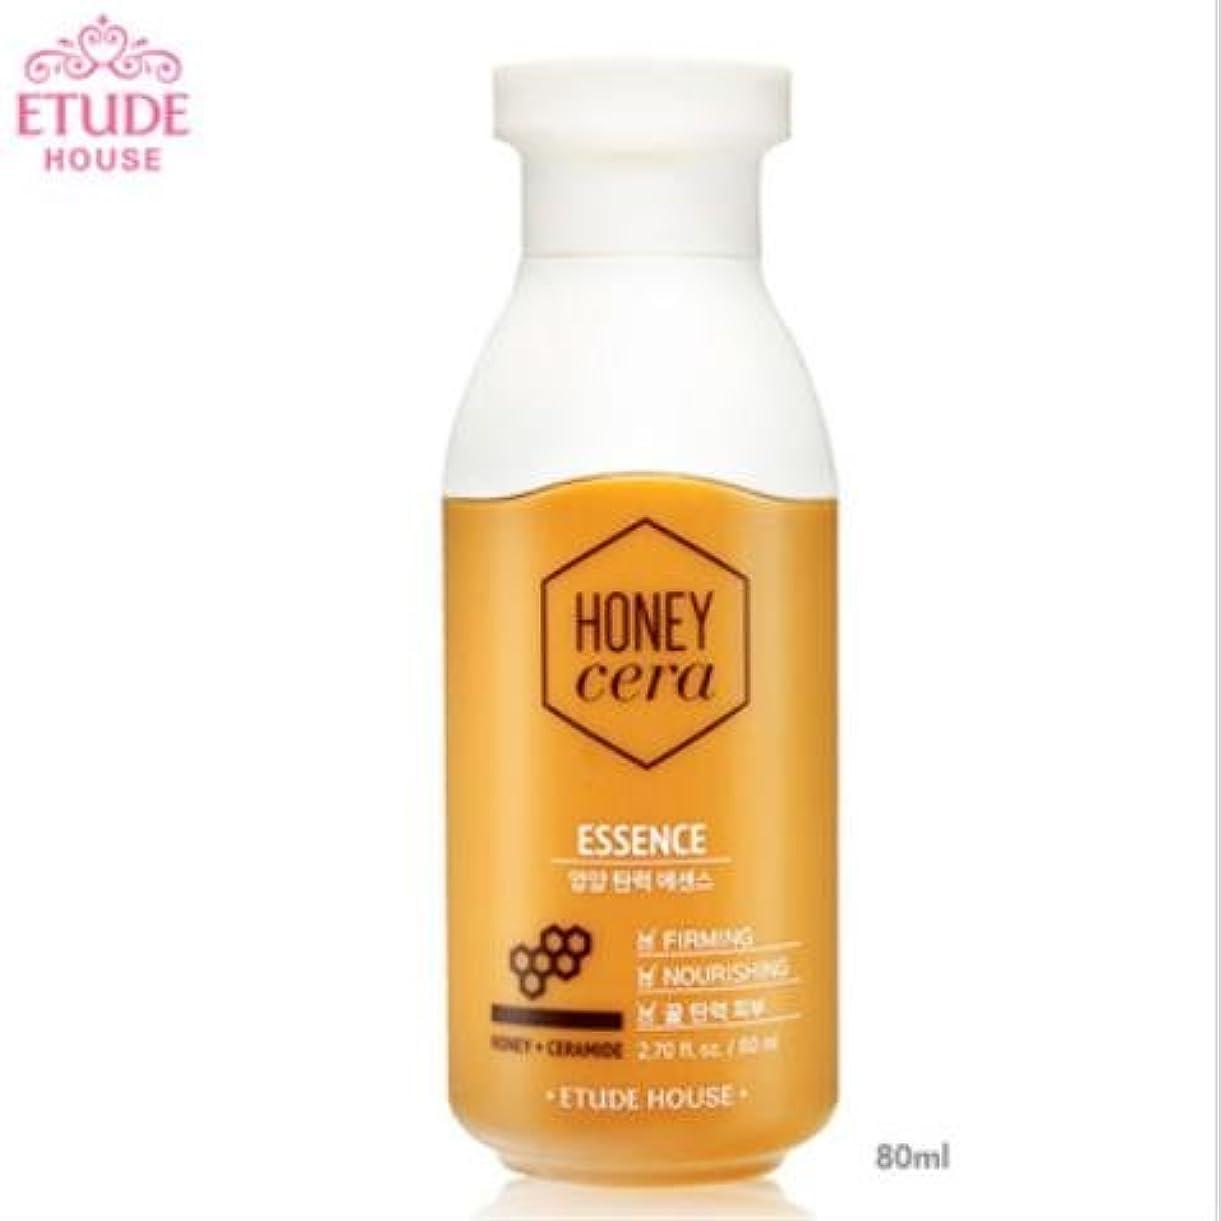 コンサート投資アウター[エチュードハウス] ETUDE HOUSE [ハニーセラ 栄養弾力 エッセンス 80ml] (Honey Sarah nutrition elastic Essence 80ml) [並行輸入品]